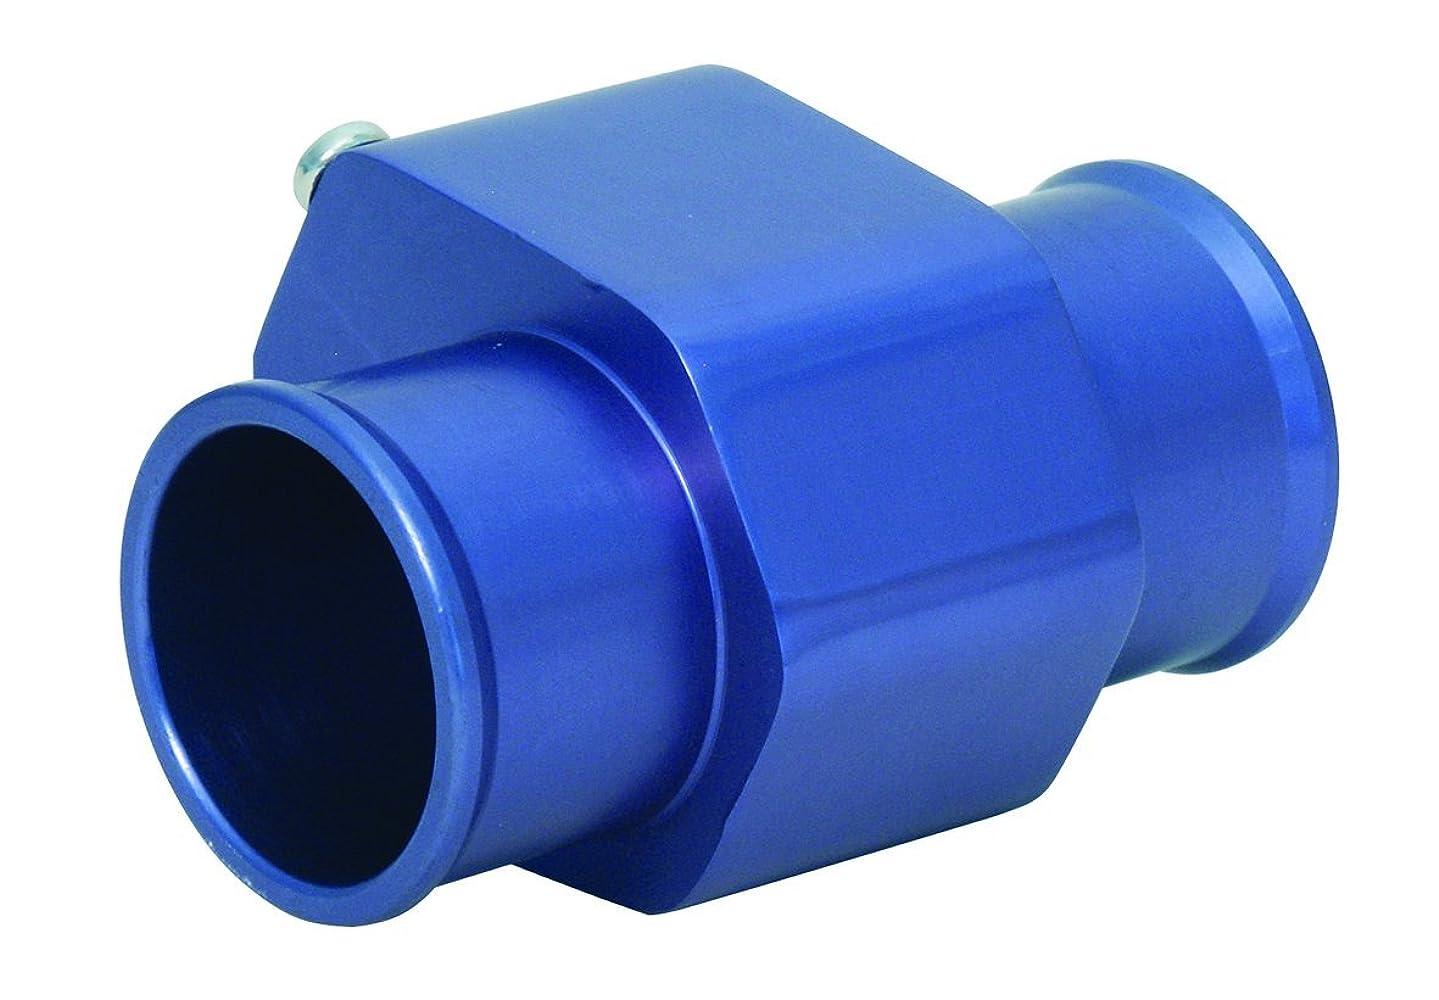 Raid HP 660403 Adaptor for Water Temperature Gauge 34 mm